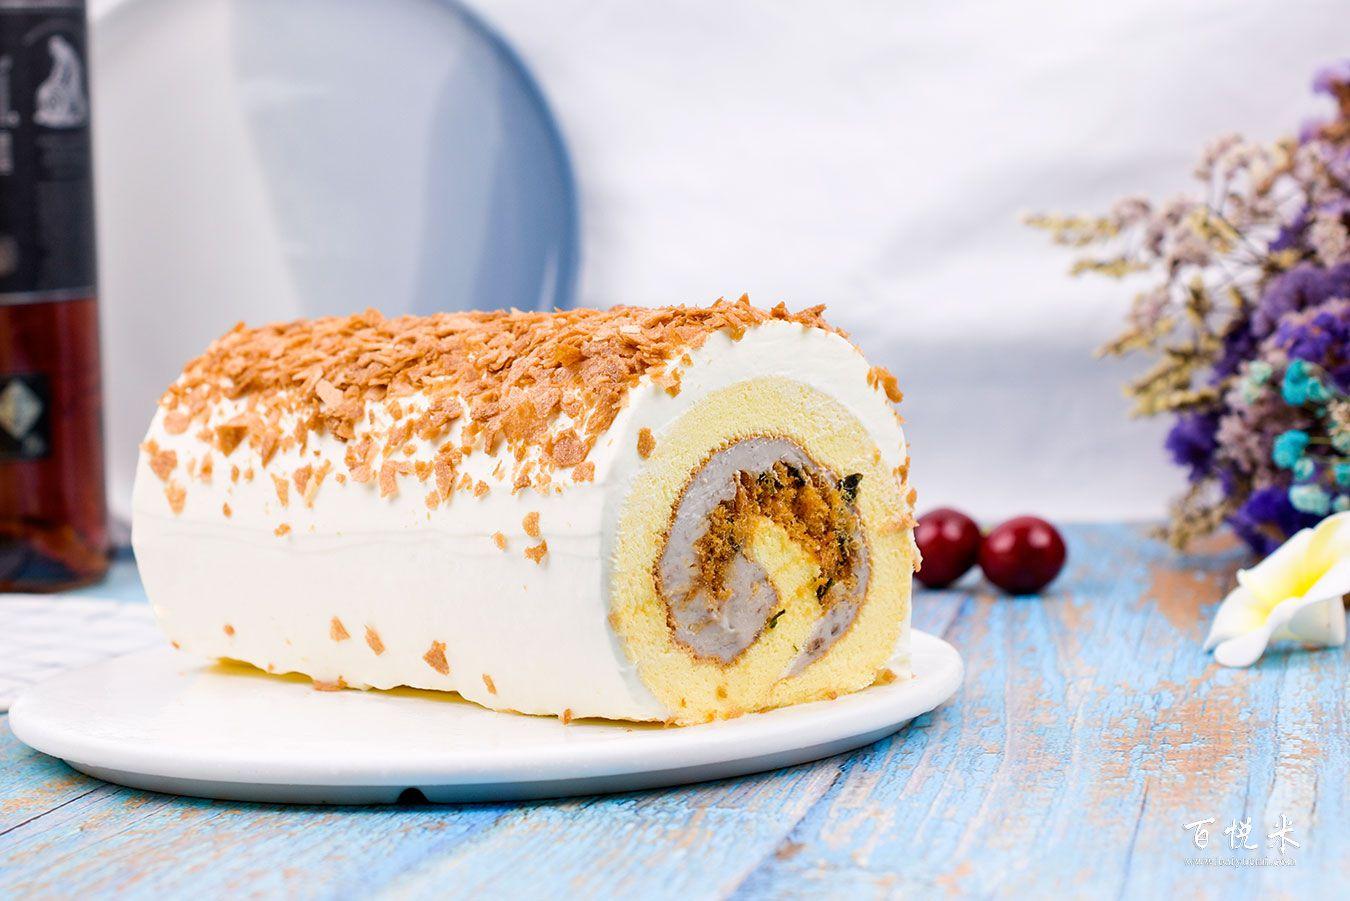 香芋蛋糕卷高清图片大全【蛋糕图片】_381